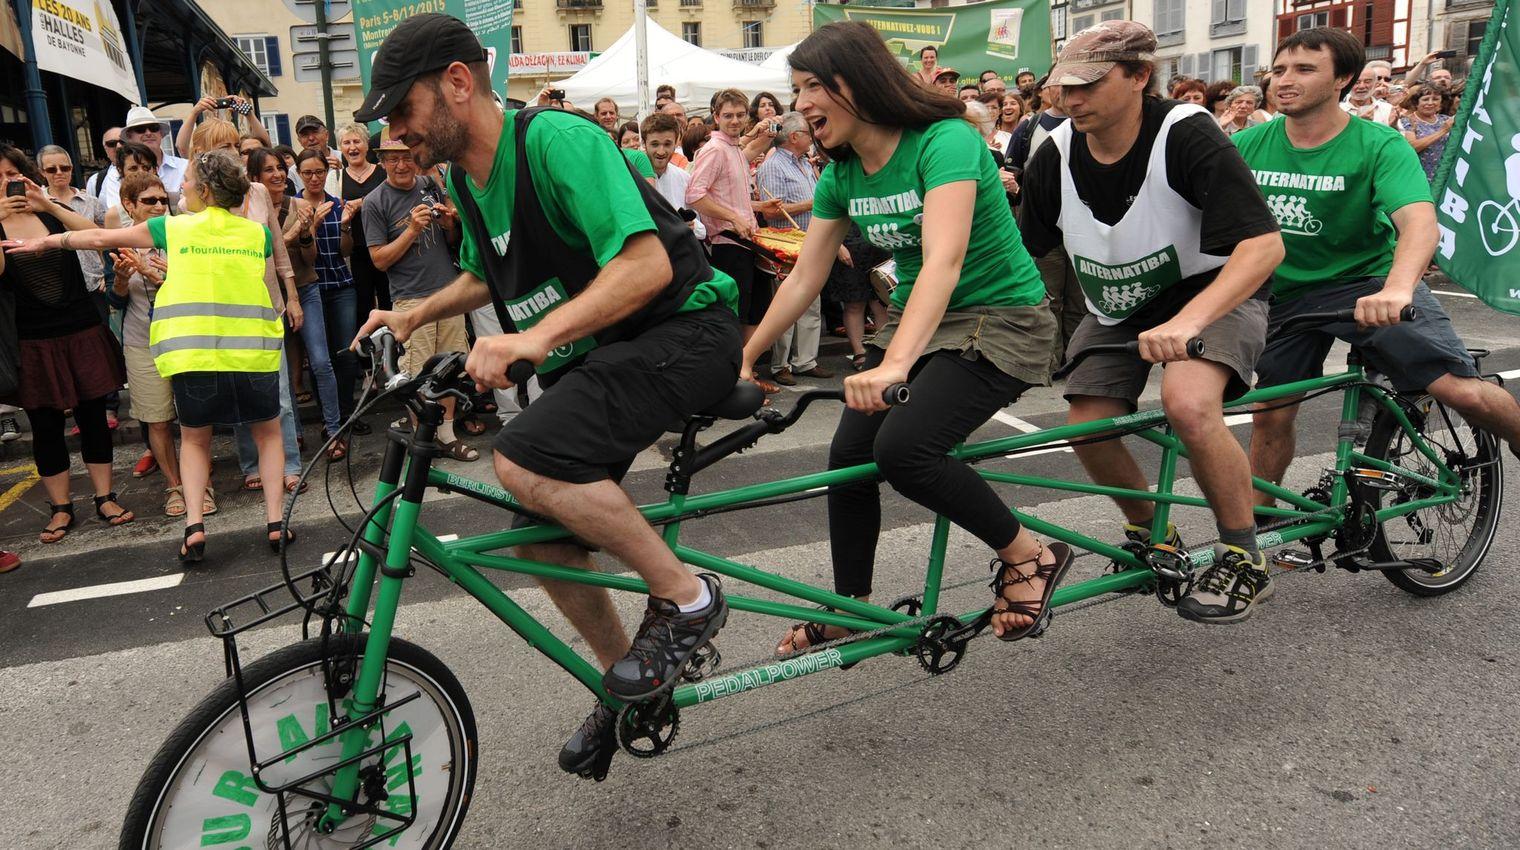 Des gens pédalent sur un vélo à quatre places lors du départ d'un tour de l'Hexagone de 5.600 km pour lutter contre le réchauffement climatique, lancé par le mouvement écologiste Alternatiba, le 5 juin 2015  afp.com/IROZ GAIZKA